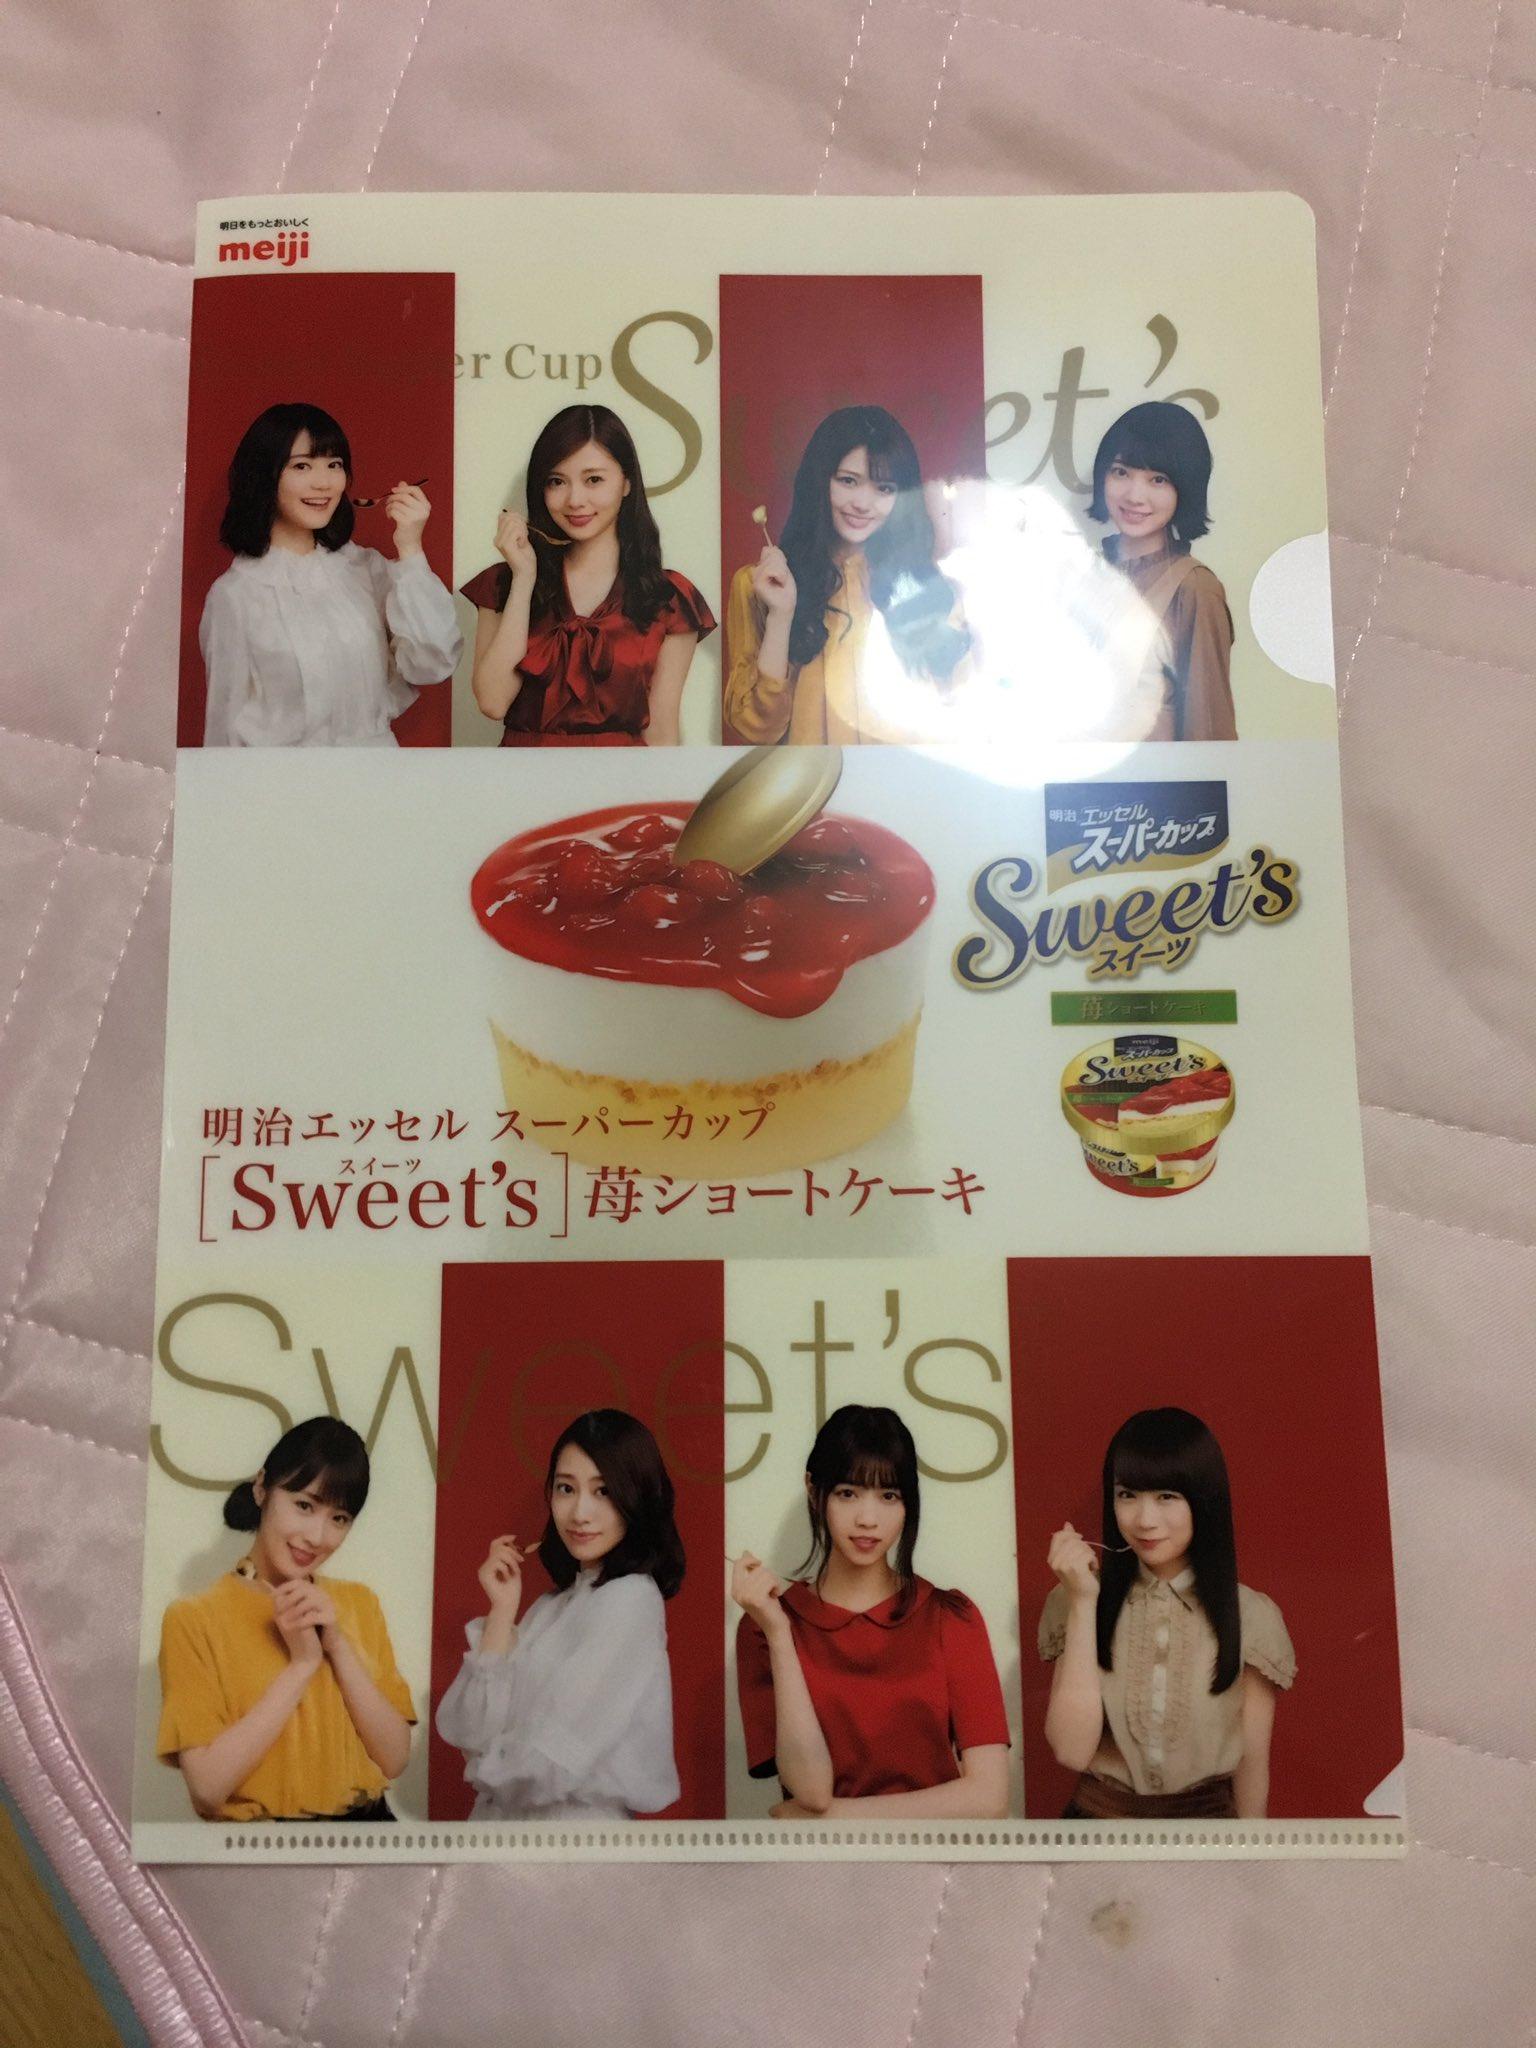 乃木坂46 明治エッセルスーパーカップ Sweet's 苺ショートケーキ クリアファイル